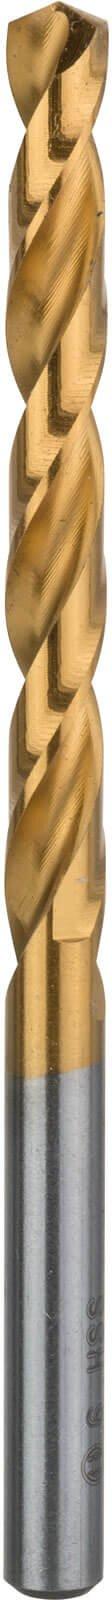 Bosch HSS TiN Drill Bit 6mm